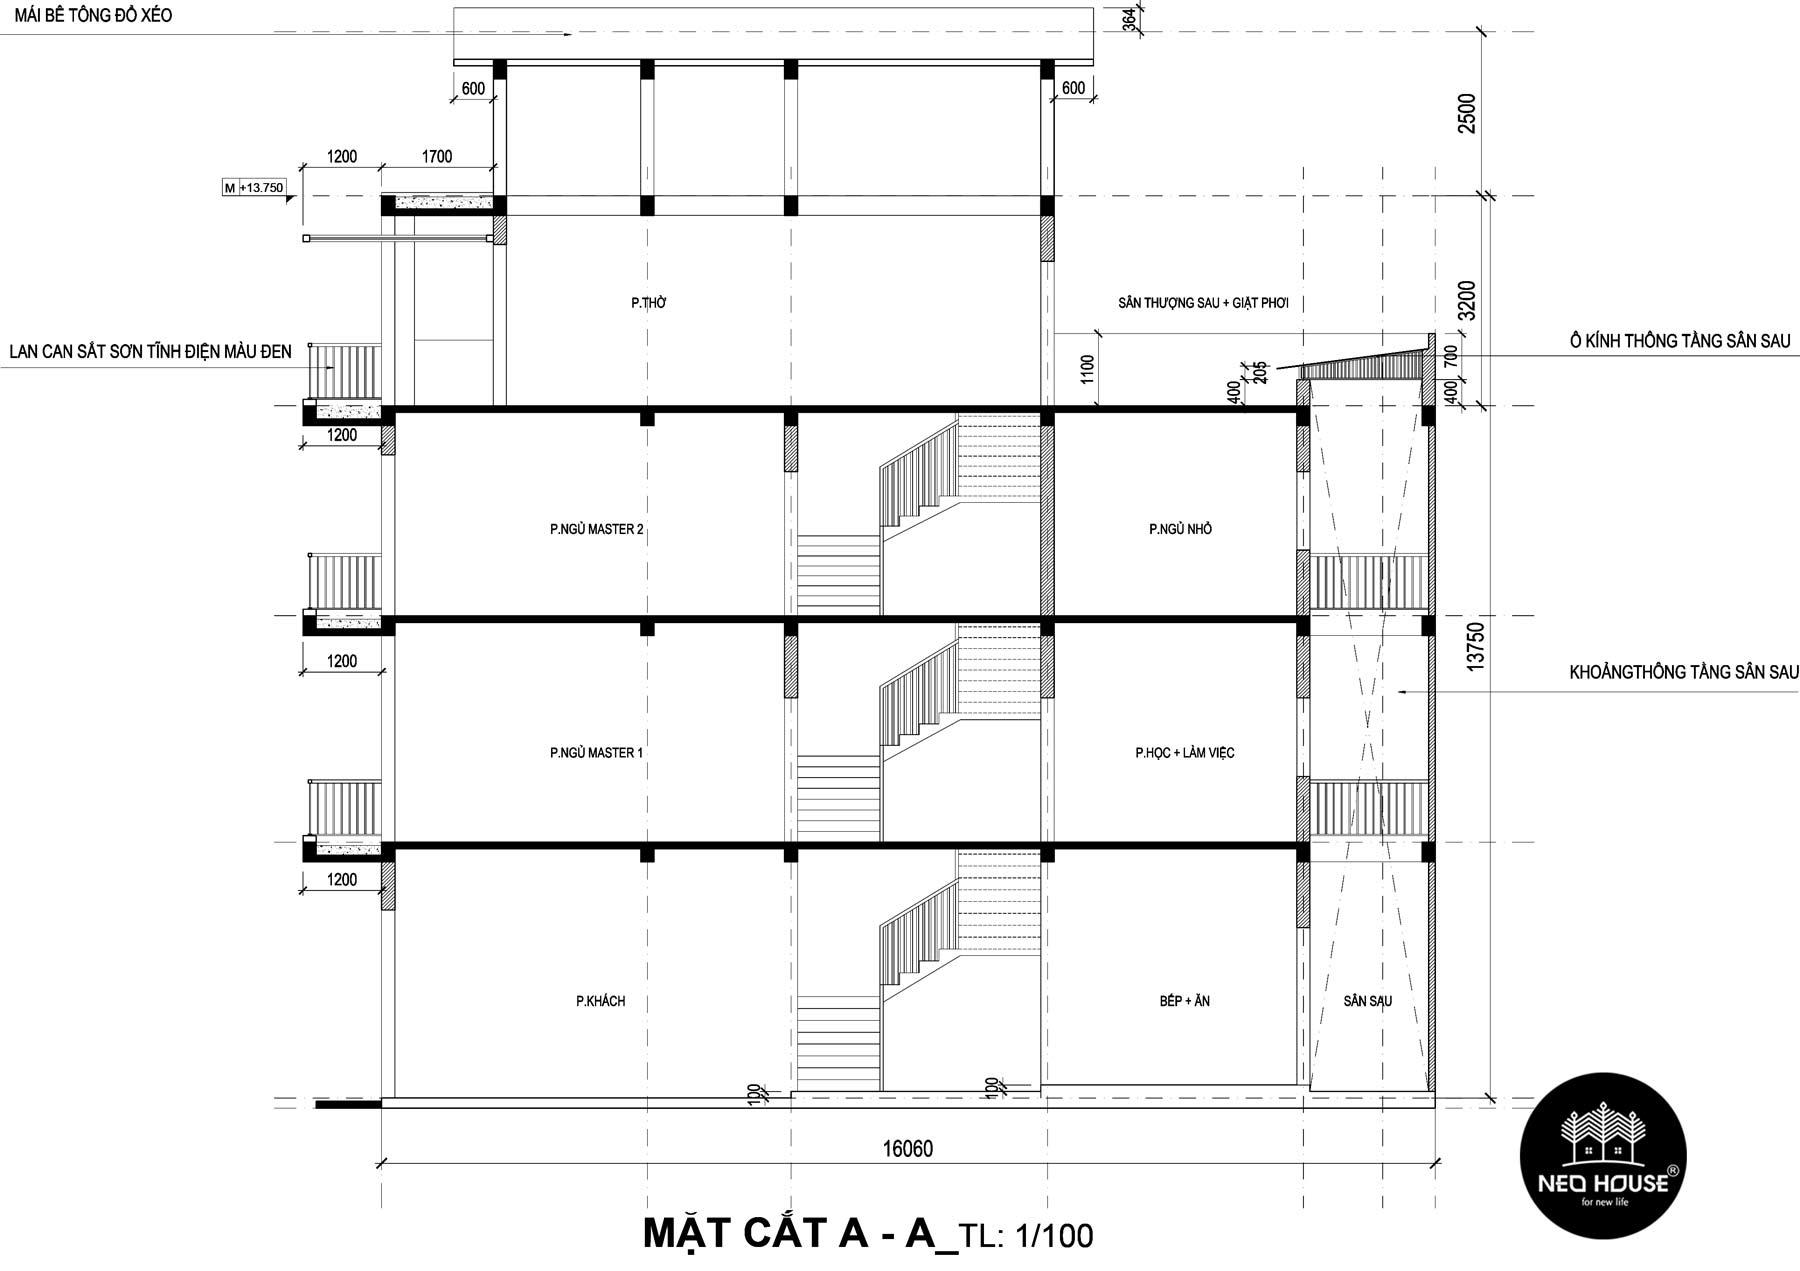 Bản vẽ mặt cắt thiết kế nhà phố 3 tầng hiện đại